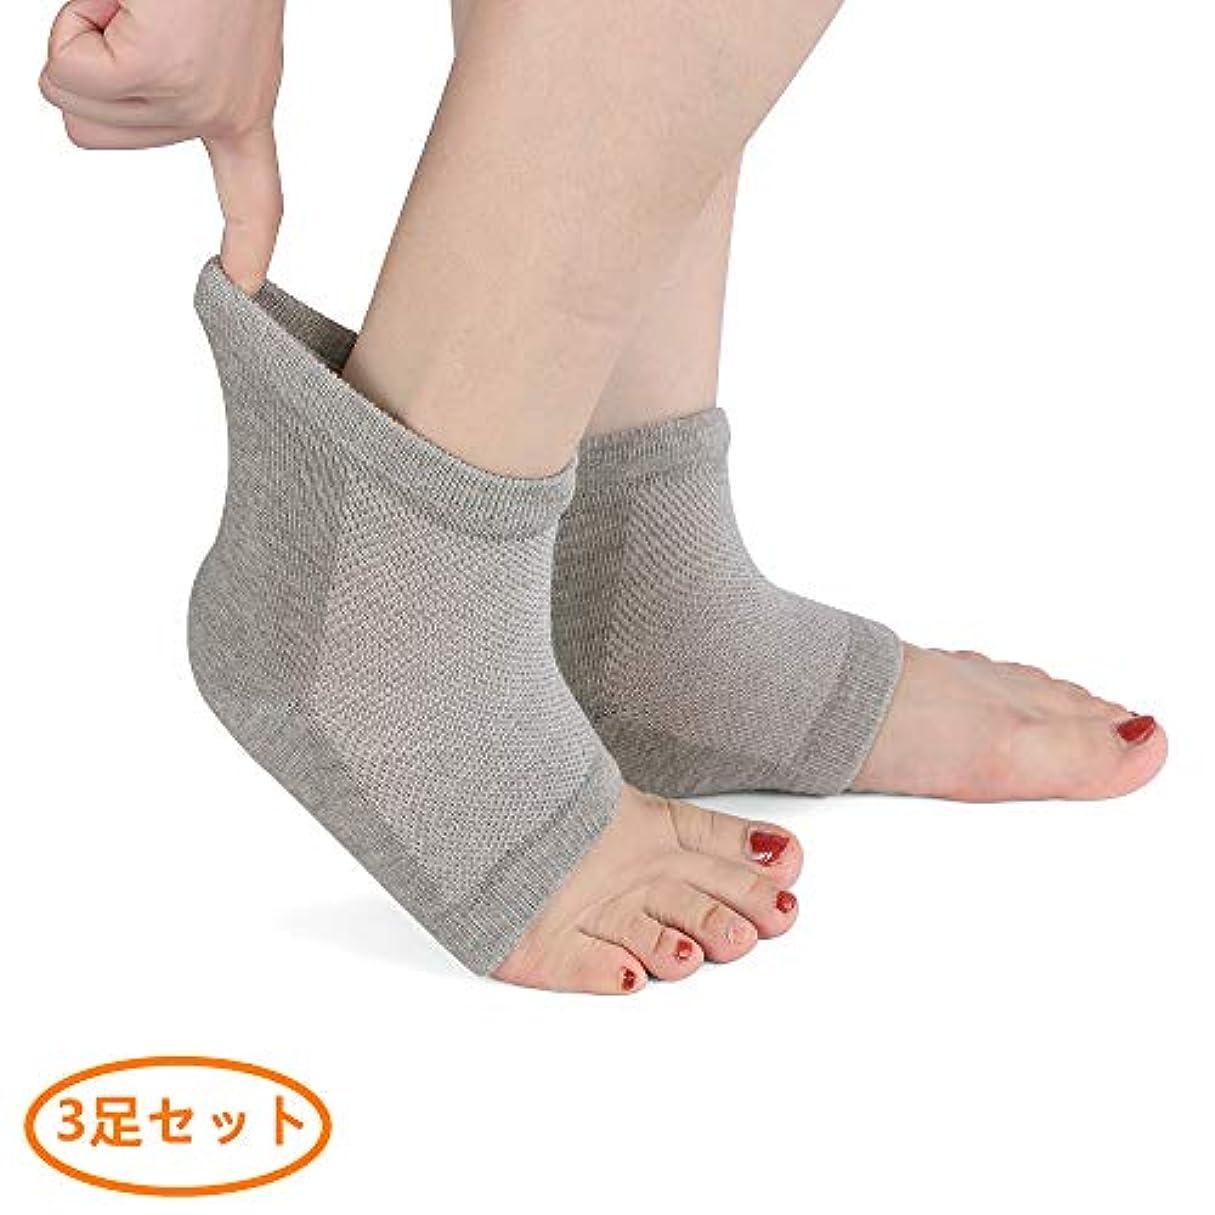 牽引嵐のリラックスYUANSHOP1 かかとケア ソックス 3足セット かかと靴下 レディース メンズ ひび割れケア/角質除去/保湿/美容 足SPA 足ケア フリーサイズ (グレー)